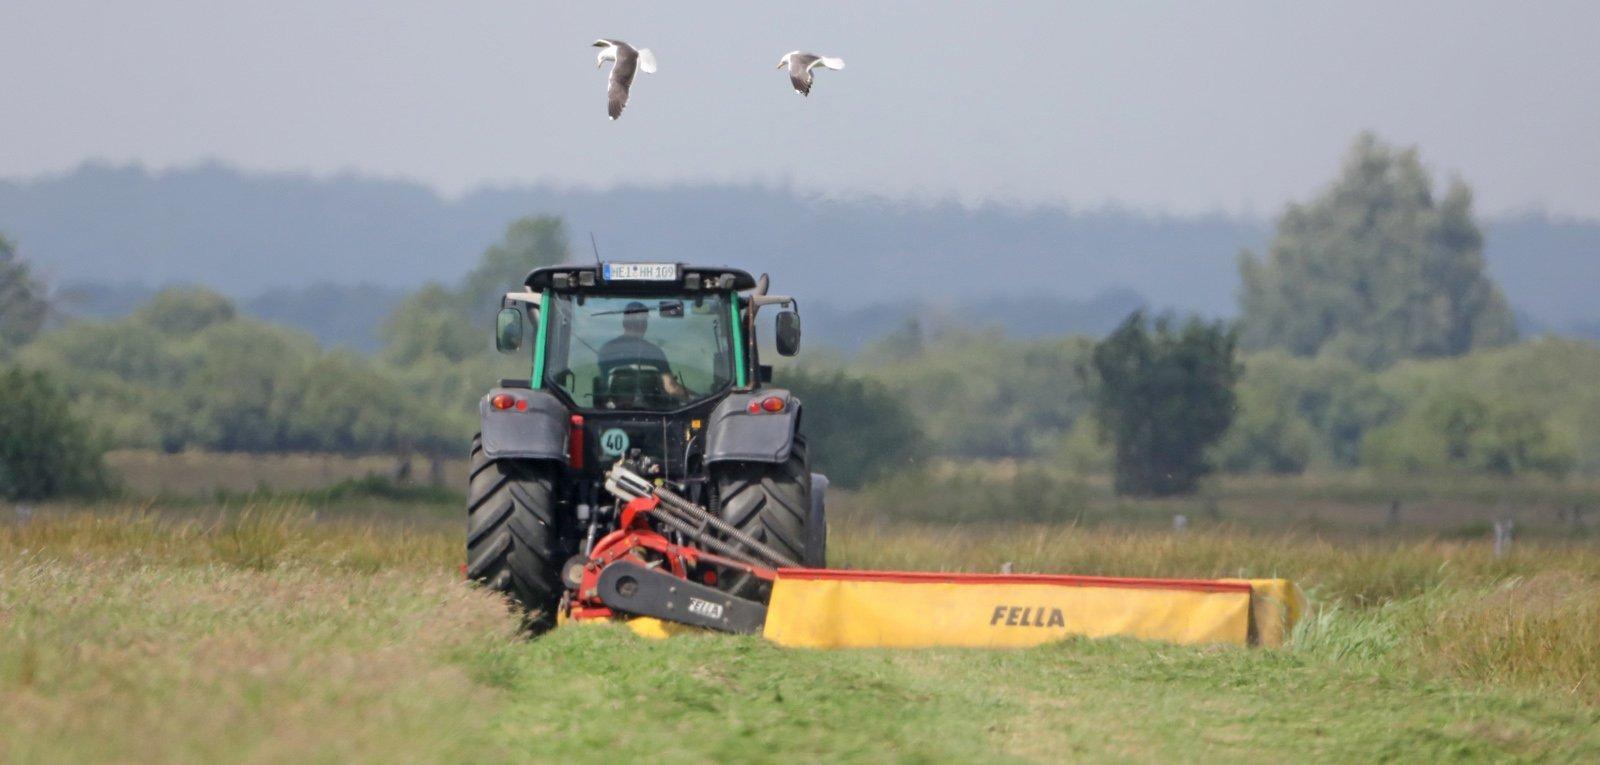 Ein Traktor schneidet das Gras in einer Wiese